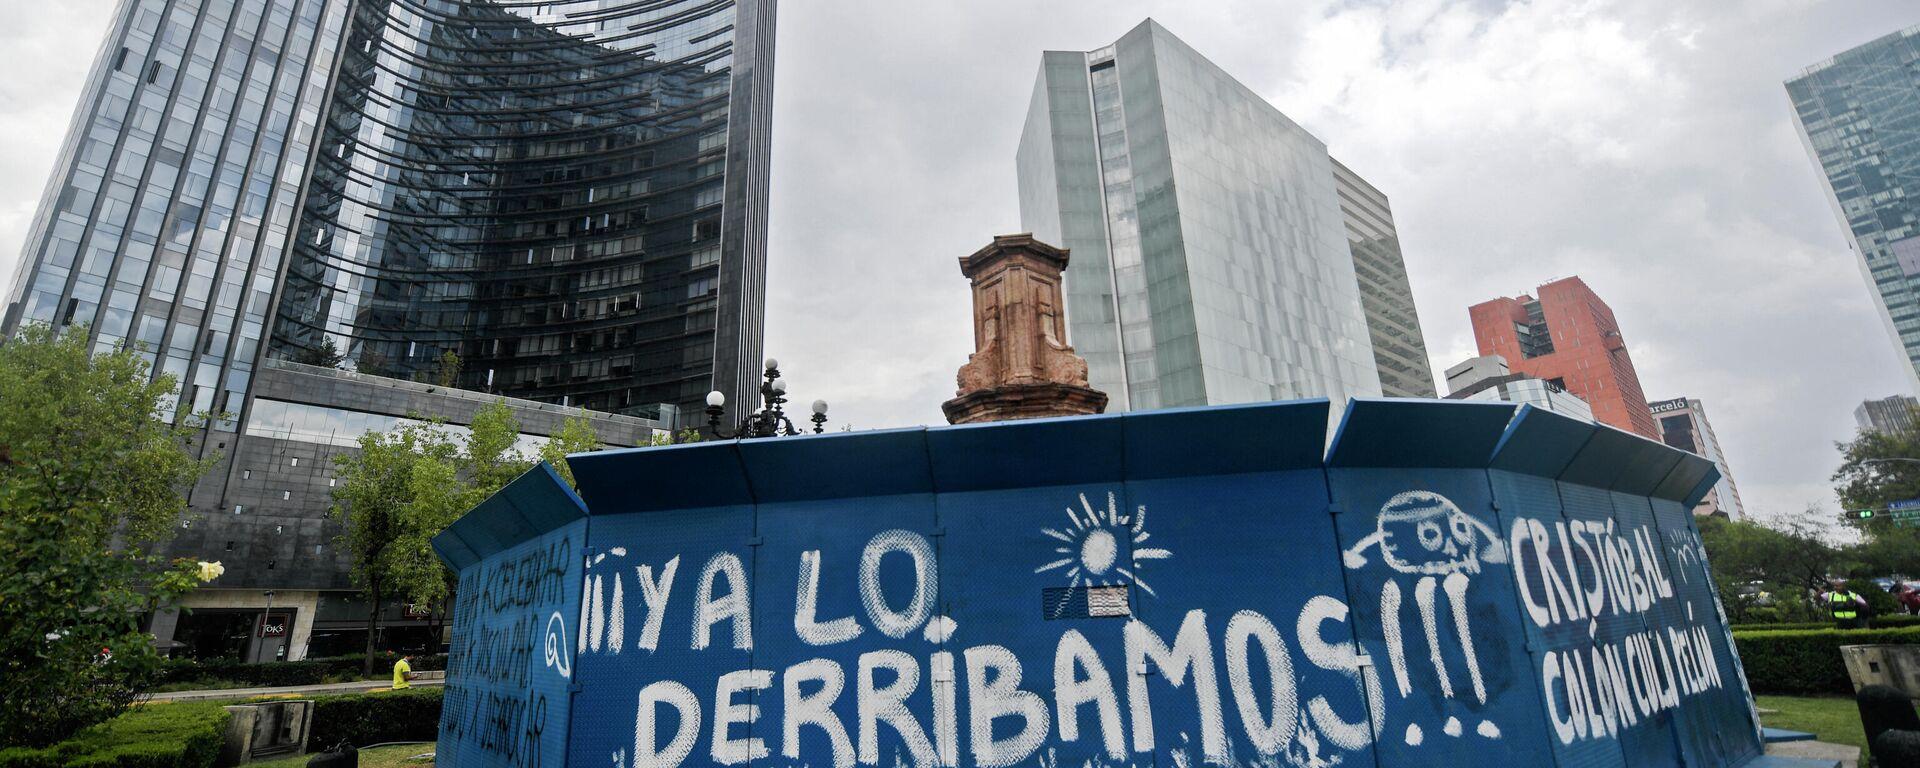 Monumento a Colón - Sputnik Mundo, 1920, 06.09.2021